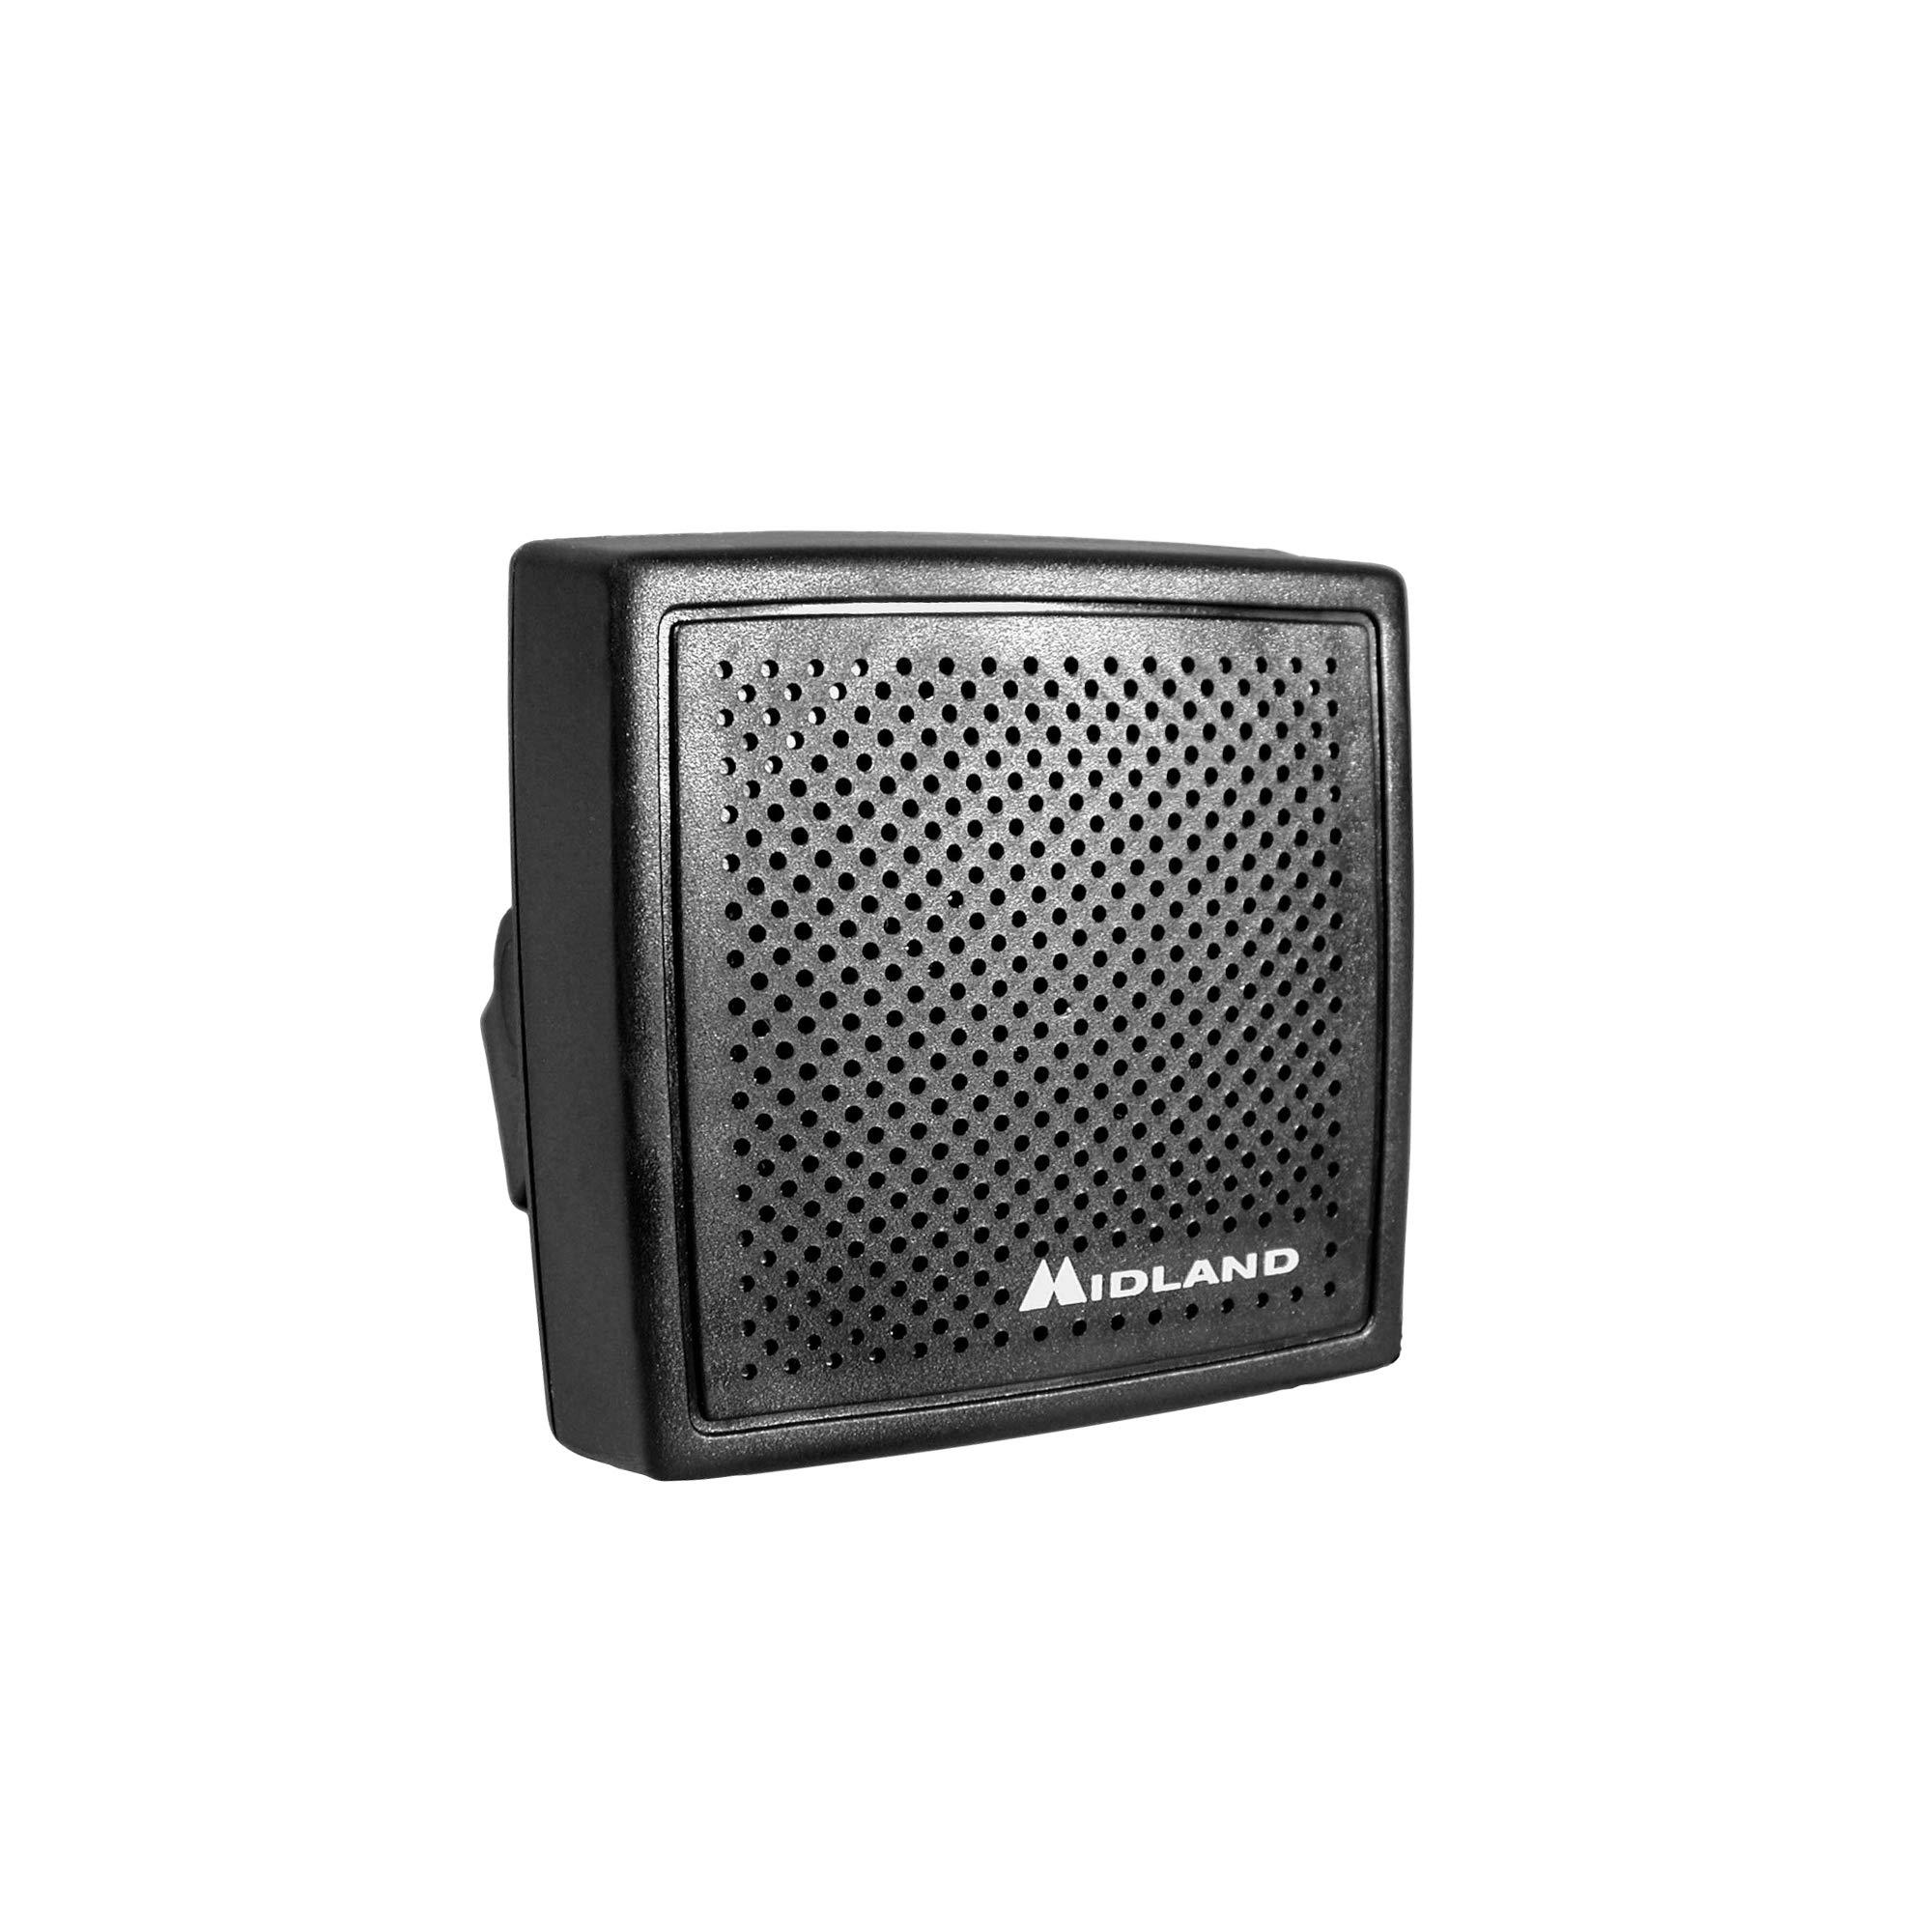 Midland 21 406 Amateur Extension Speaker